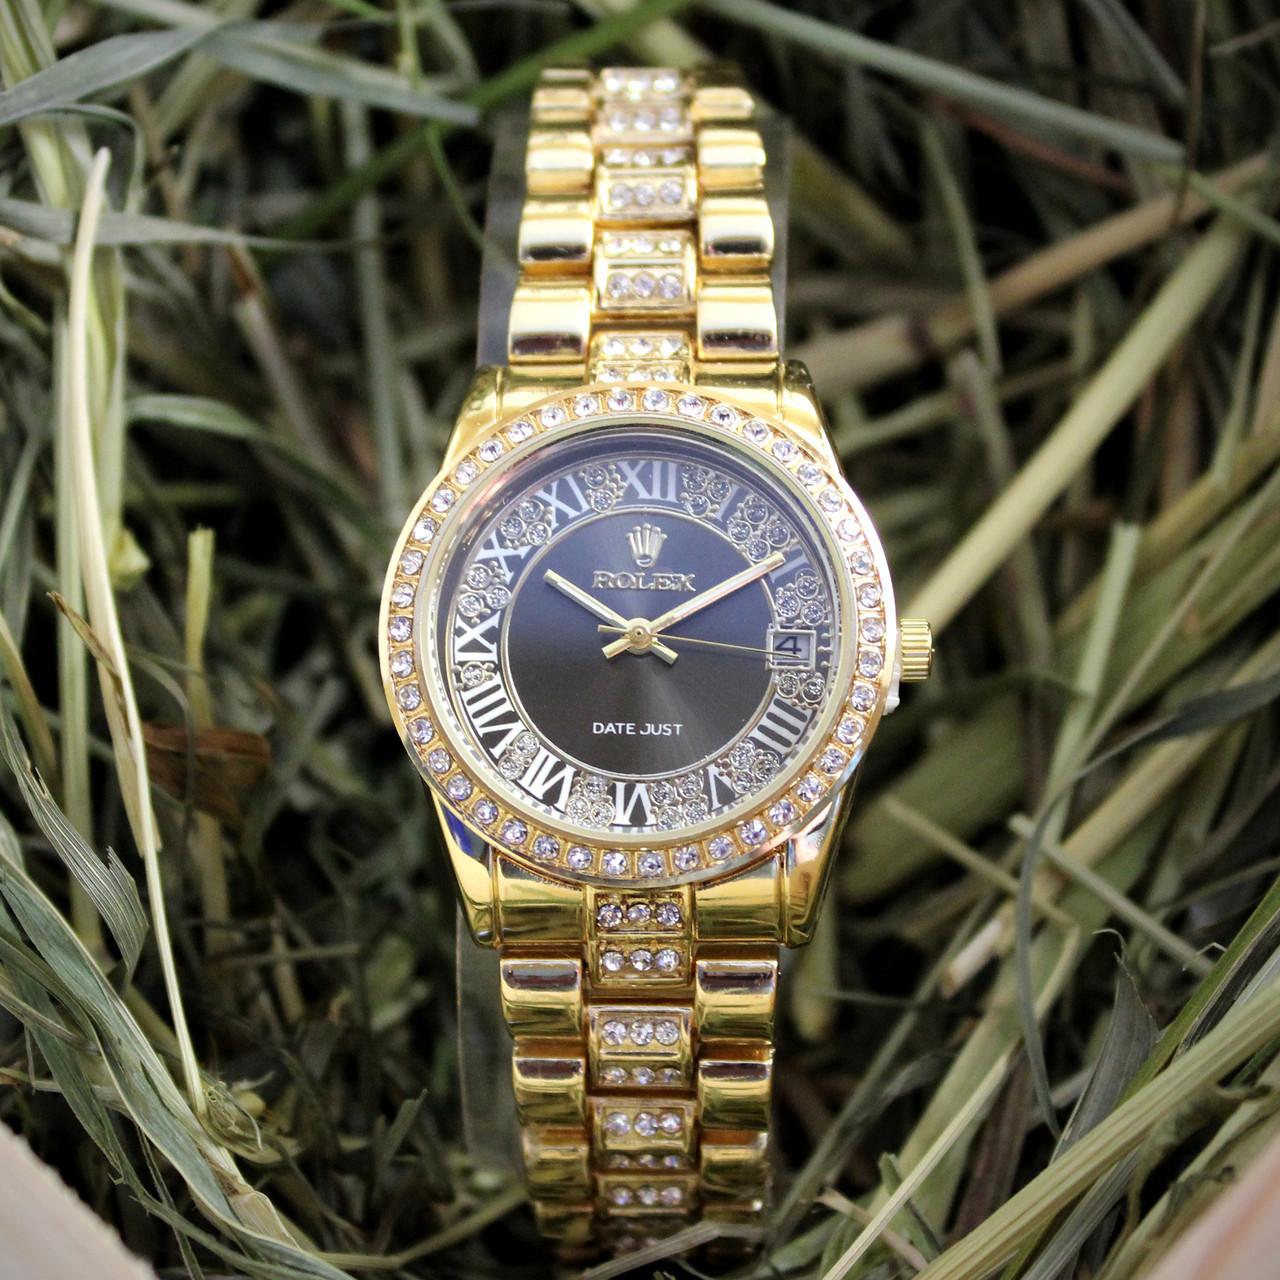 a36cab8bf3f3 Стильные женские часы Ролекс - OptMan - самые низкие цены в Украине в  Харькове